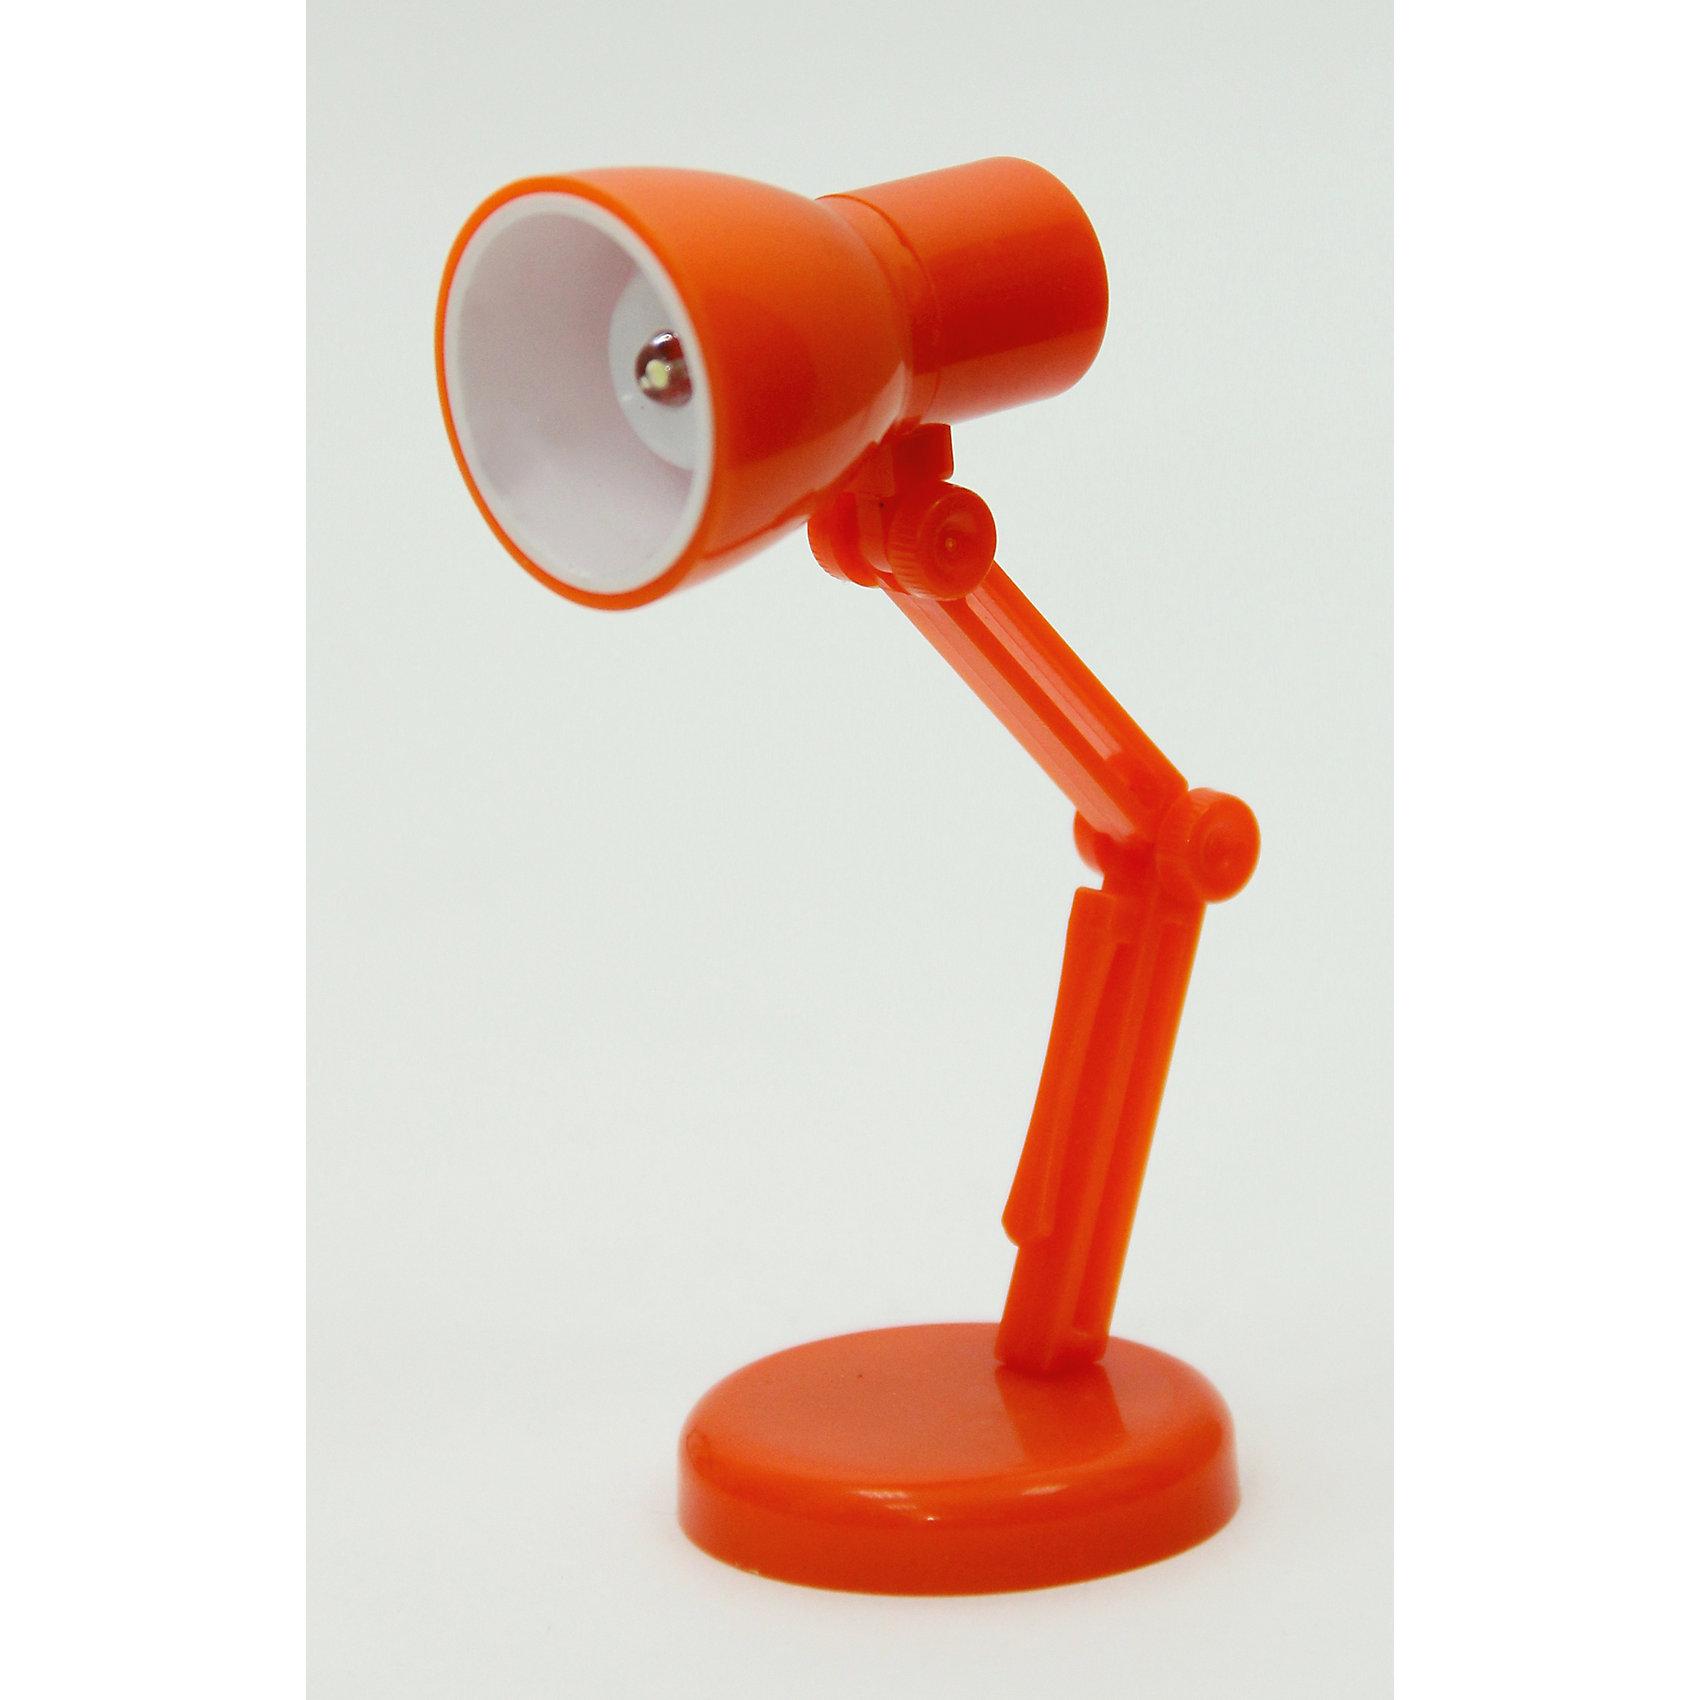 Фонарь портативный Минилампа оранжевая электрический со светодиодной лампой, Феникс-ПрезентДетские предметы интерьера<br>Фонарь портативный Минилампа оранжевая электрический со светодиодной лампой, Феникс-Презент<br><br>Характеристики:<br><br>• компактный фонарик со светодиодной лампой<br>• размер: 12х4,6 см<br>• корпус из АБС пластика<br>• светодиодная лампа DIA 5 мм<br>• питание: батарейка AG 10 - 3 шт.<br>• цвет: оранжевый<br><br>С портативным фонариком Минилампа оранжевая вы сможете найти потерянные предметы или даже почитать в темноте. Компактный размер позволяет брать фонарик с собой. При этом светодиодные лампы обладают достаточной мощностью для полноценного освещения. Корпус изделия изготовлен из ударопрочного пластика. Фонарик выполнен в виде лампы.<br><br>Фонарь портативный Минилампа оранжевая электрический со светодиодной лампой, Феникс-Презент можно купить в нашем интернет-магазине.<br><br>Ширина мм: 50<br>Глубина мм: 60<br>Высота мм: 120<br>Вес г: 56<br>Возраст от месяцев: 36<br>Возраст до месяцев: 2147483647<br>Пол: Унисекс<br>Возраст: Детский<br>SKU: 5449688